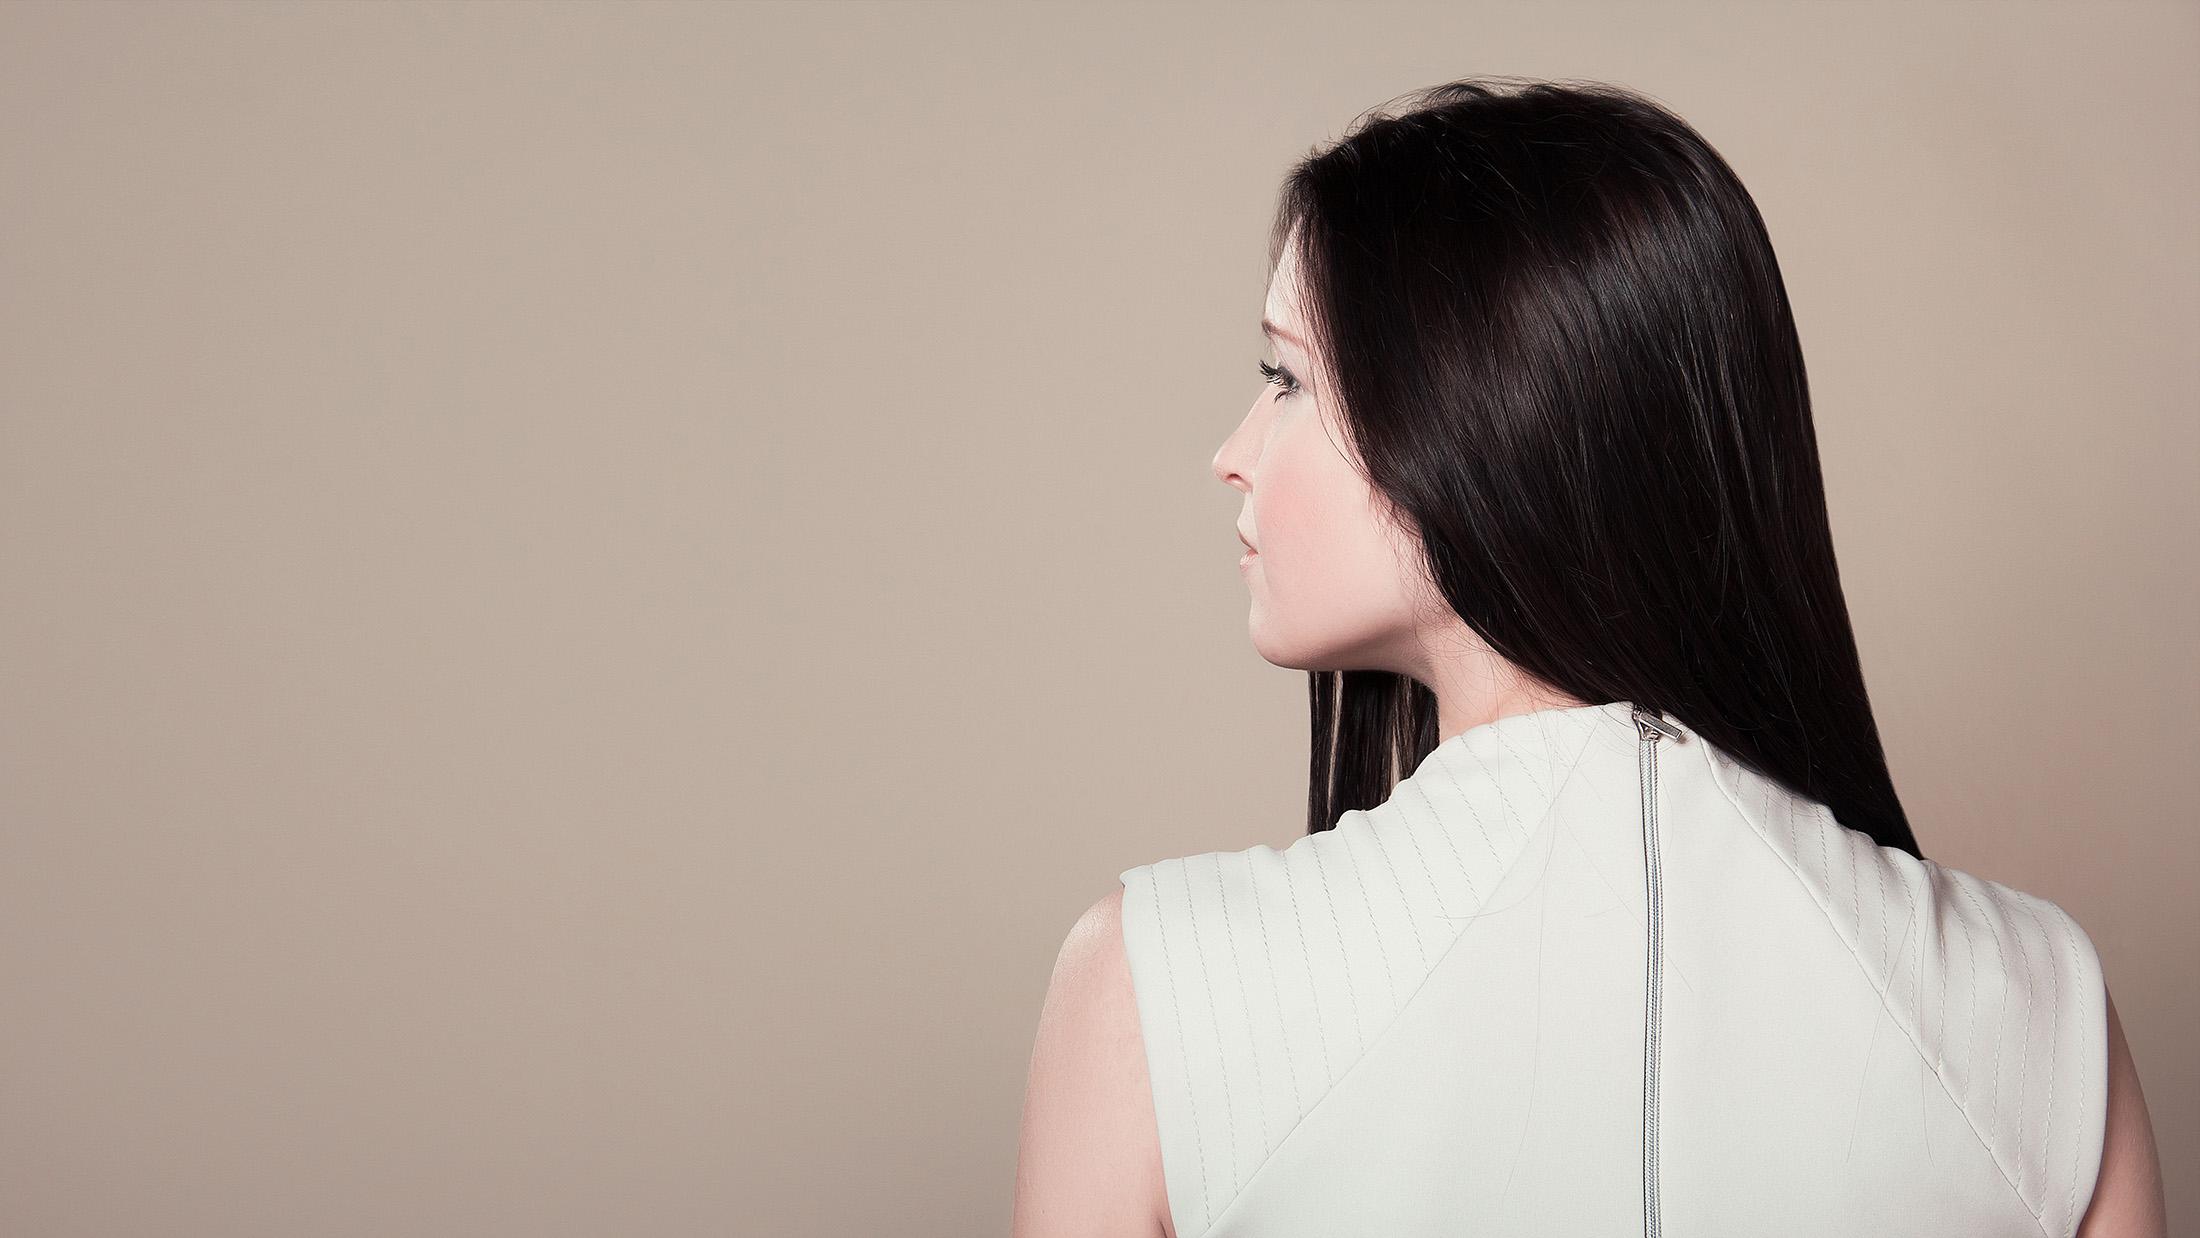 Gội đầu sai cách dễ làm tóc hư tổn